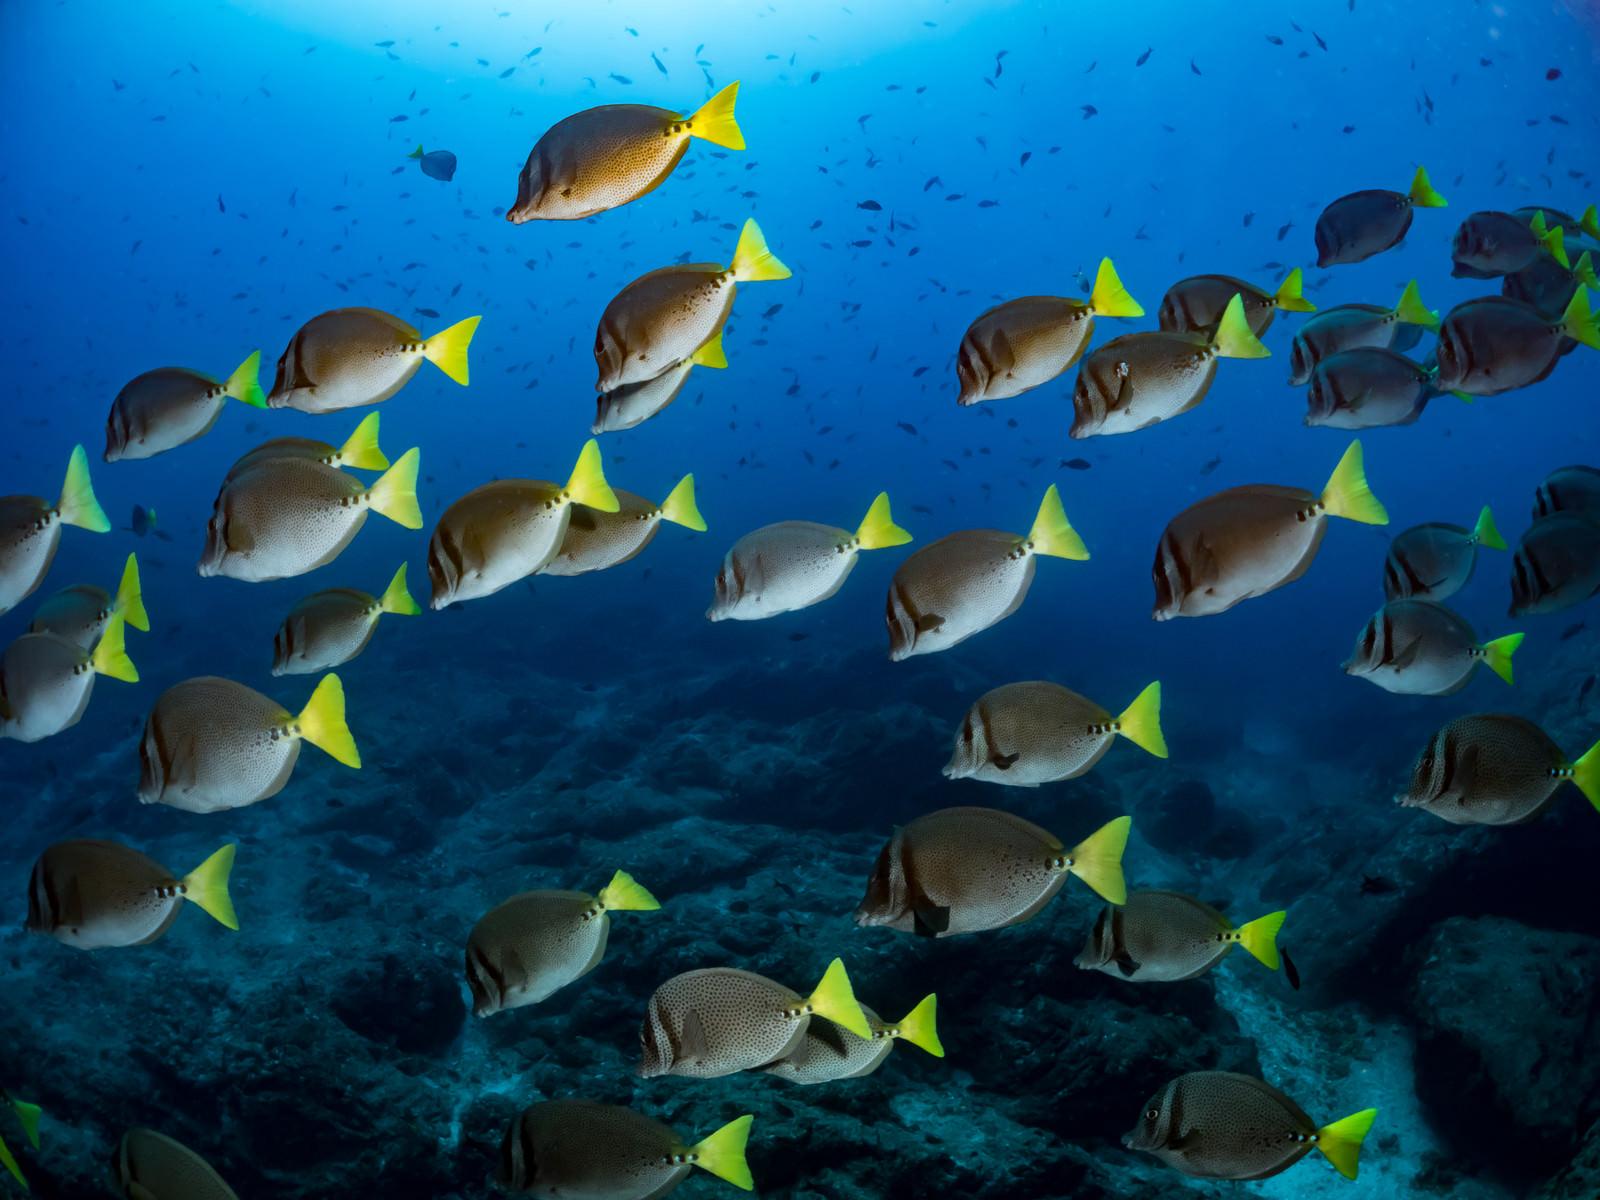 「イエローテイルサージョンフィッシュの群れ」の写真